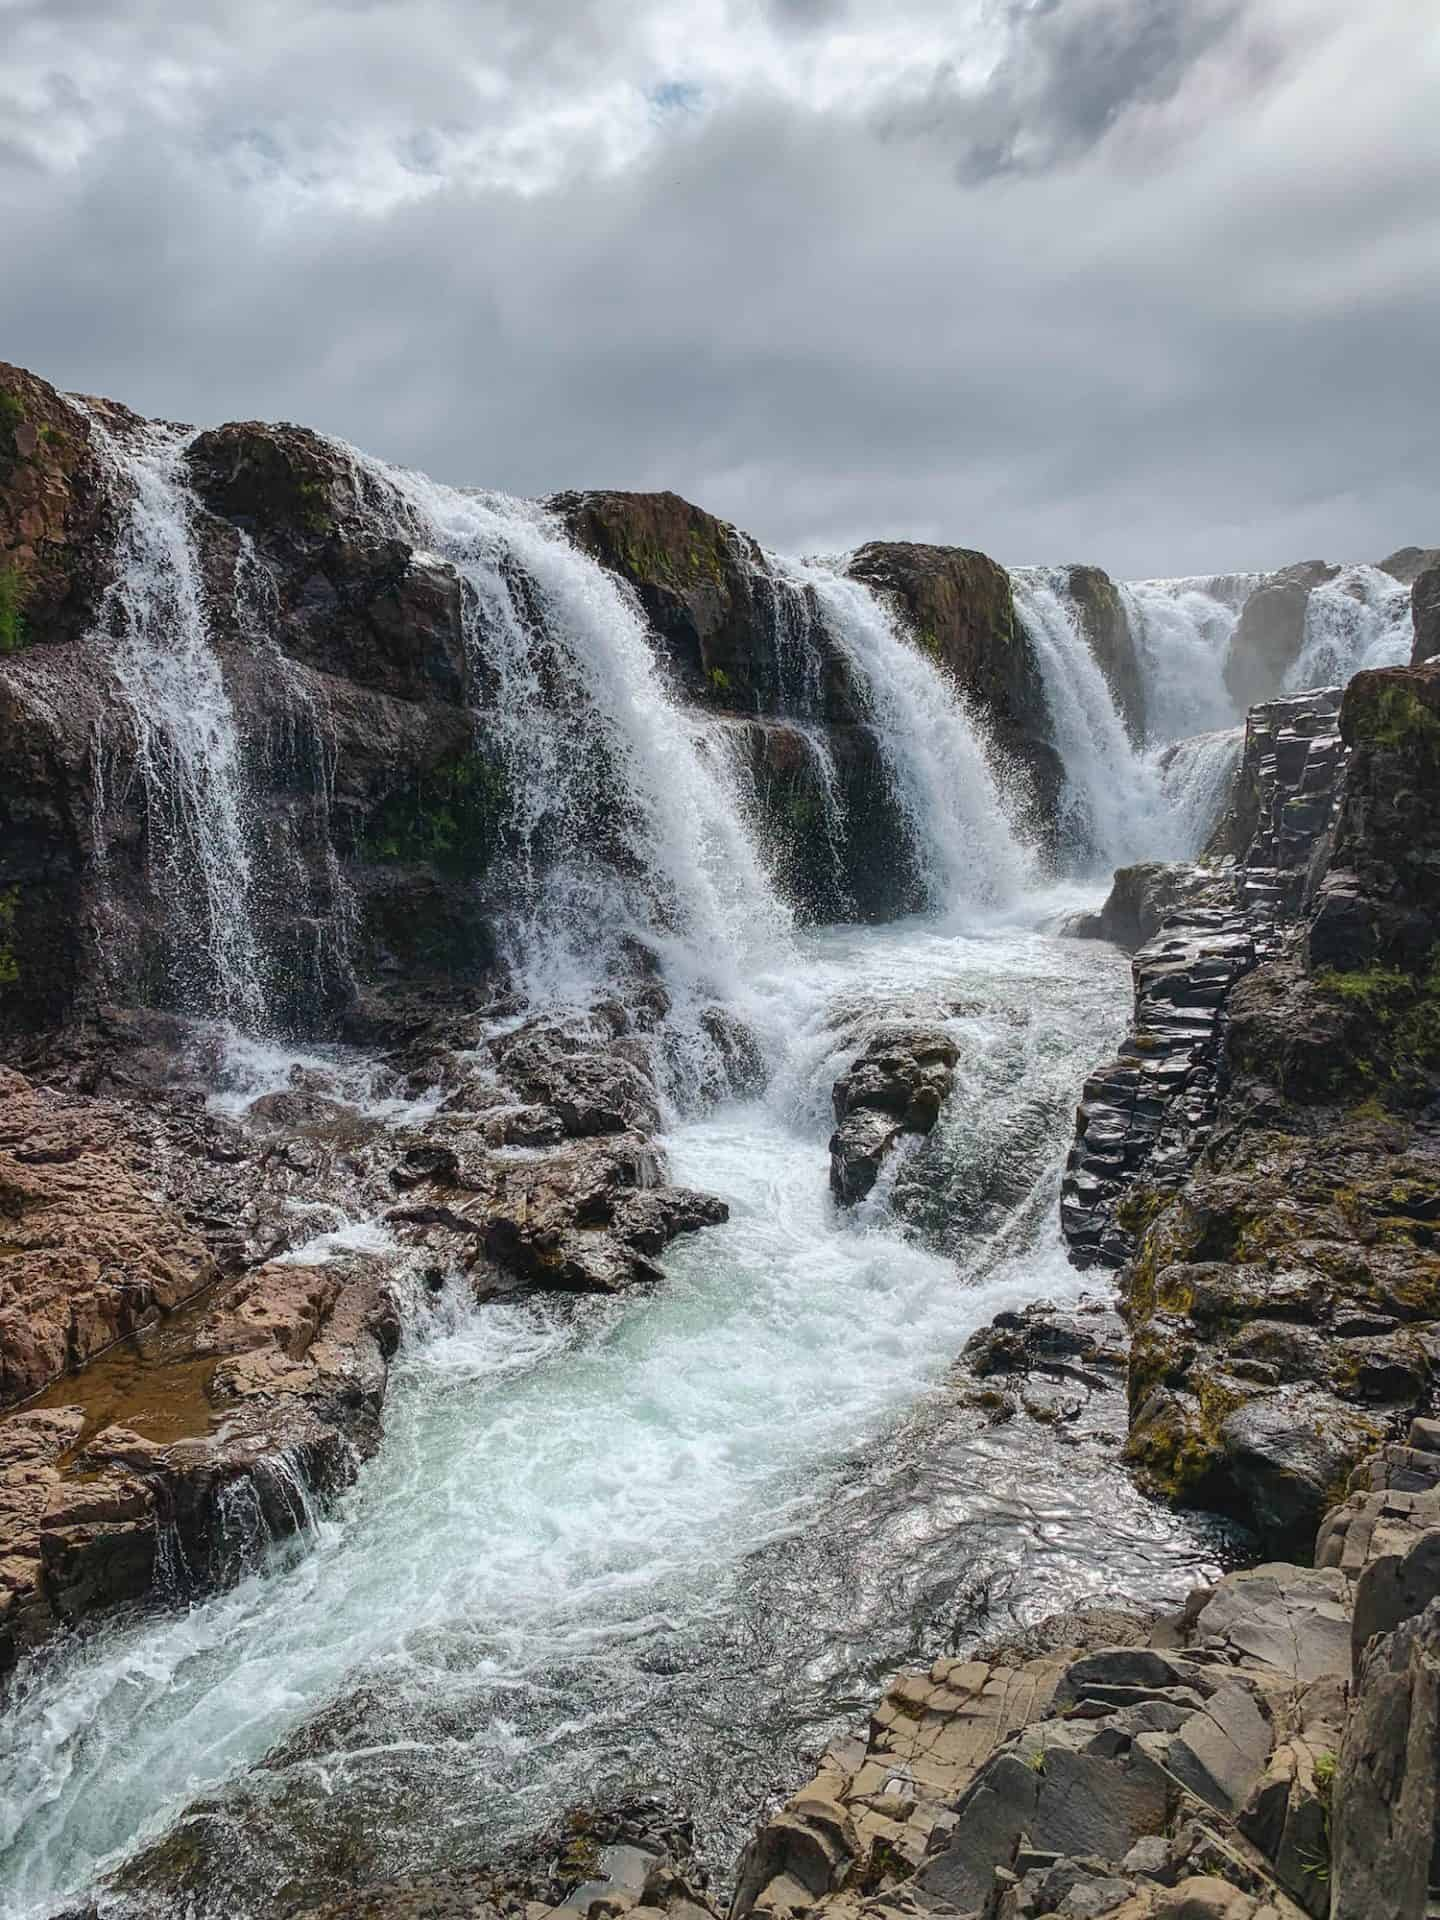 Kolugljufur Waterfall in North Iceland